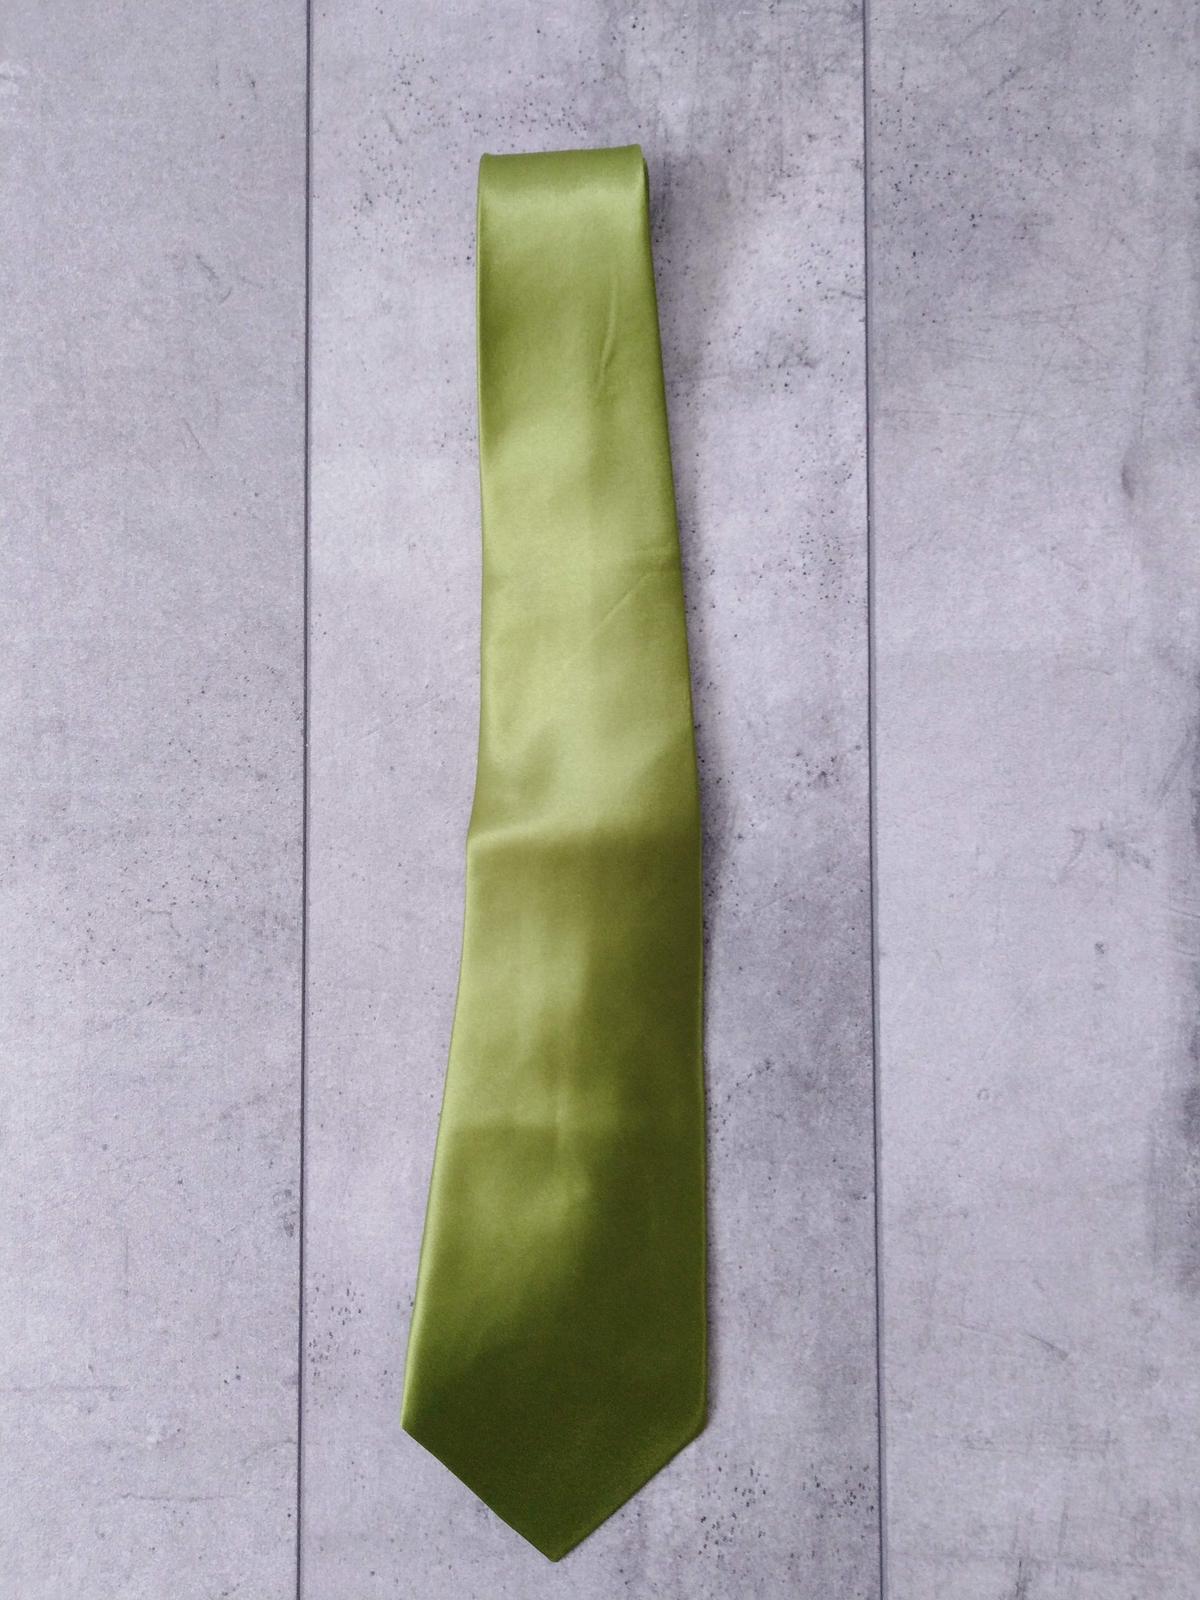 SKLADEM - pánská zelená kravata - Obrázek č. 3